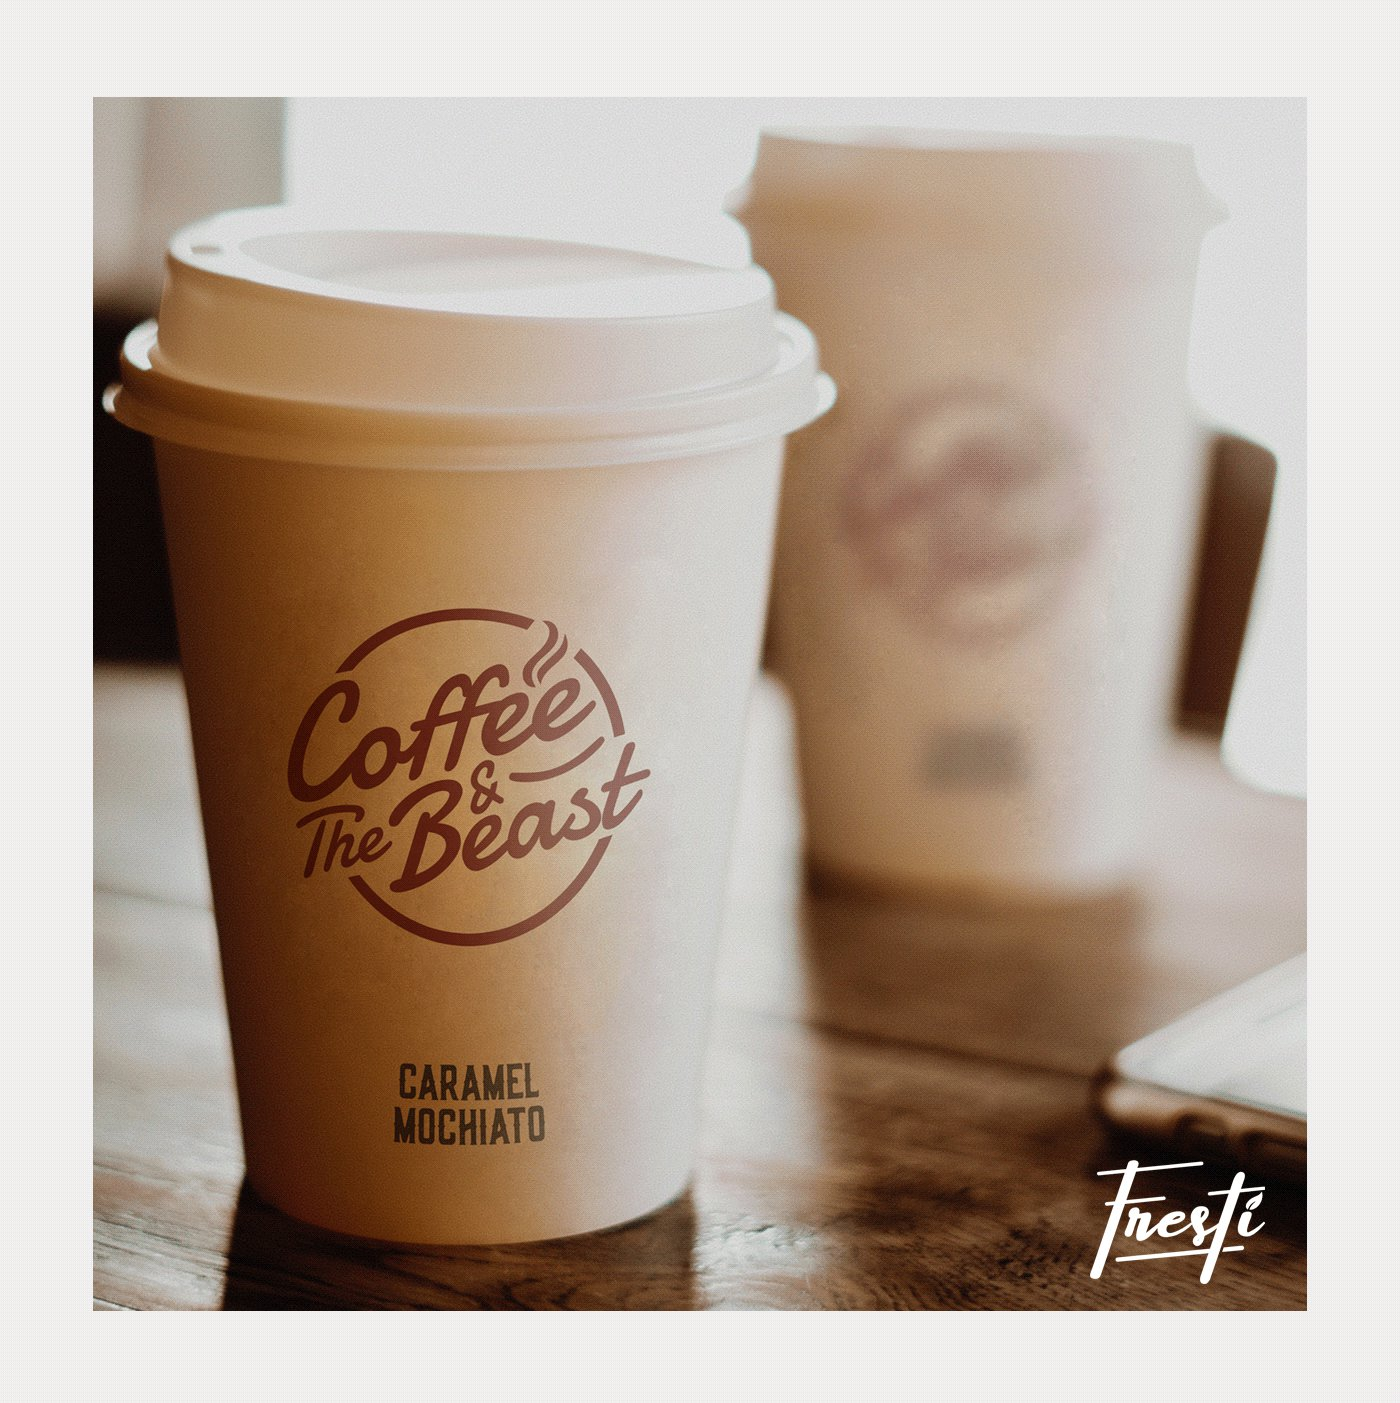 Starbucks Style Papercups Mockup For Branding